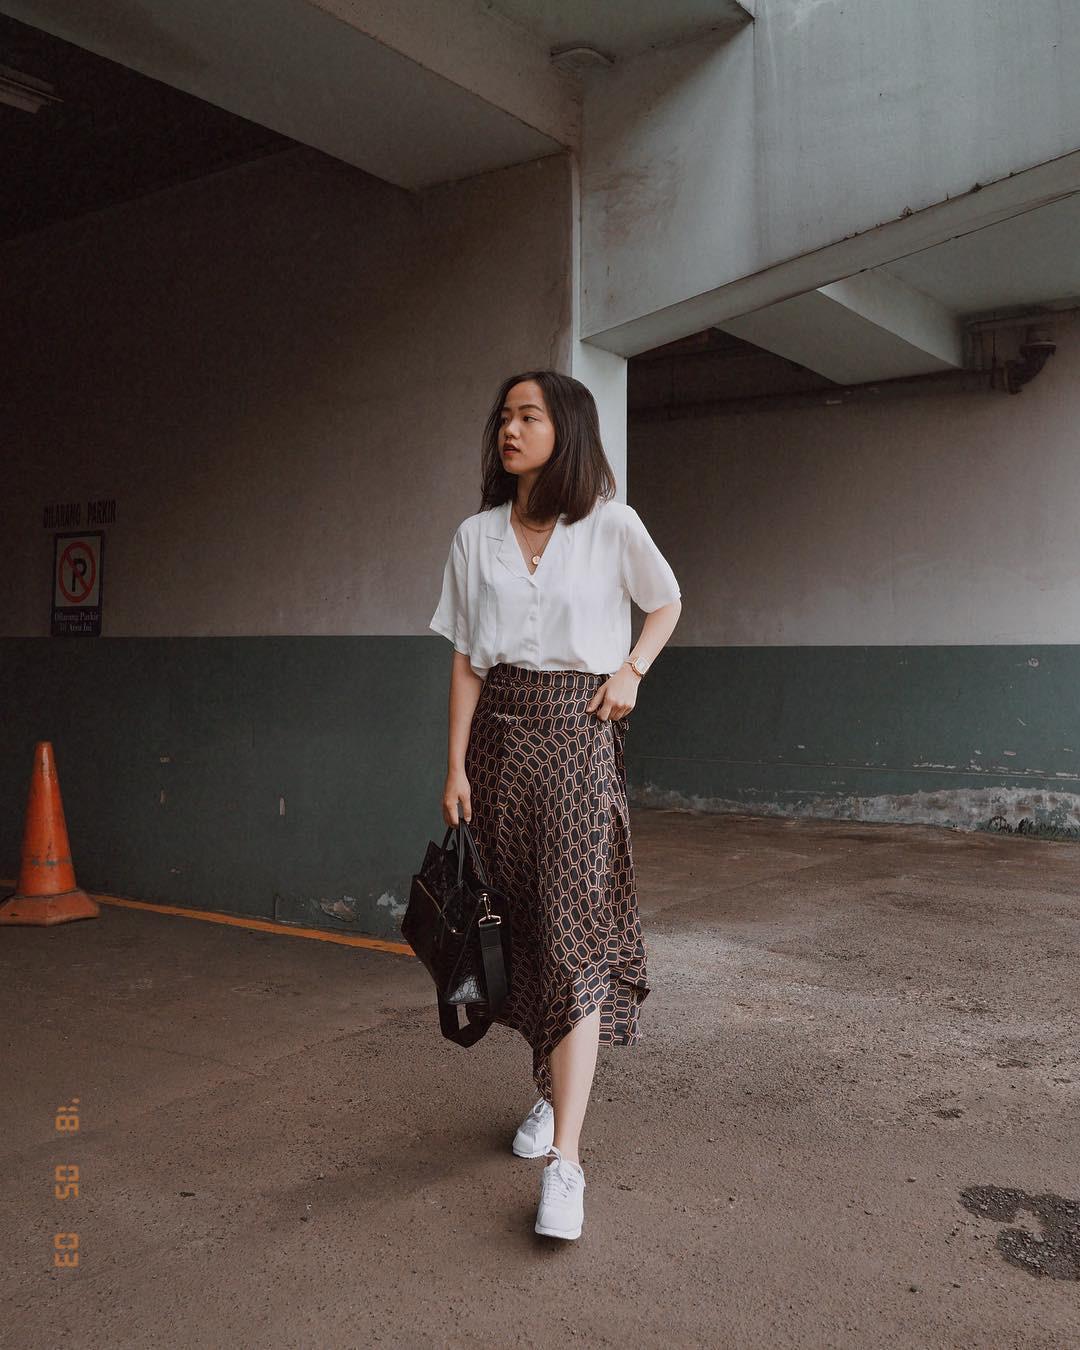 Ngày đầu đi làm sau Tết, nàng công sở muốn mặc đẹp và thanh lịch cả năm thì nên tránh 4 kiểu trang phục sau 2